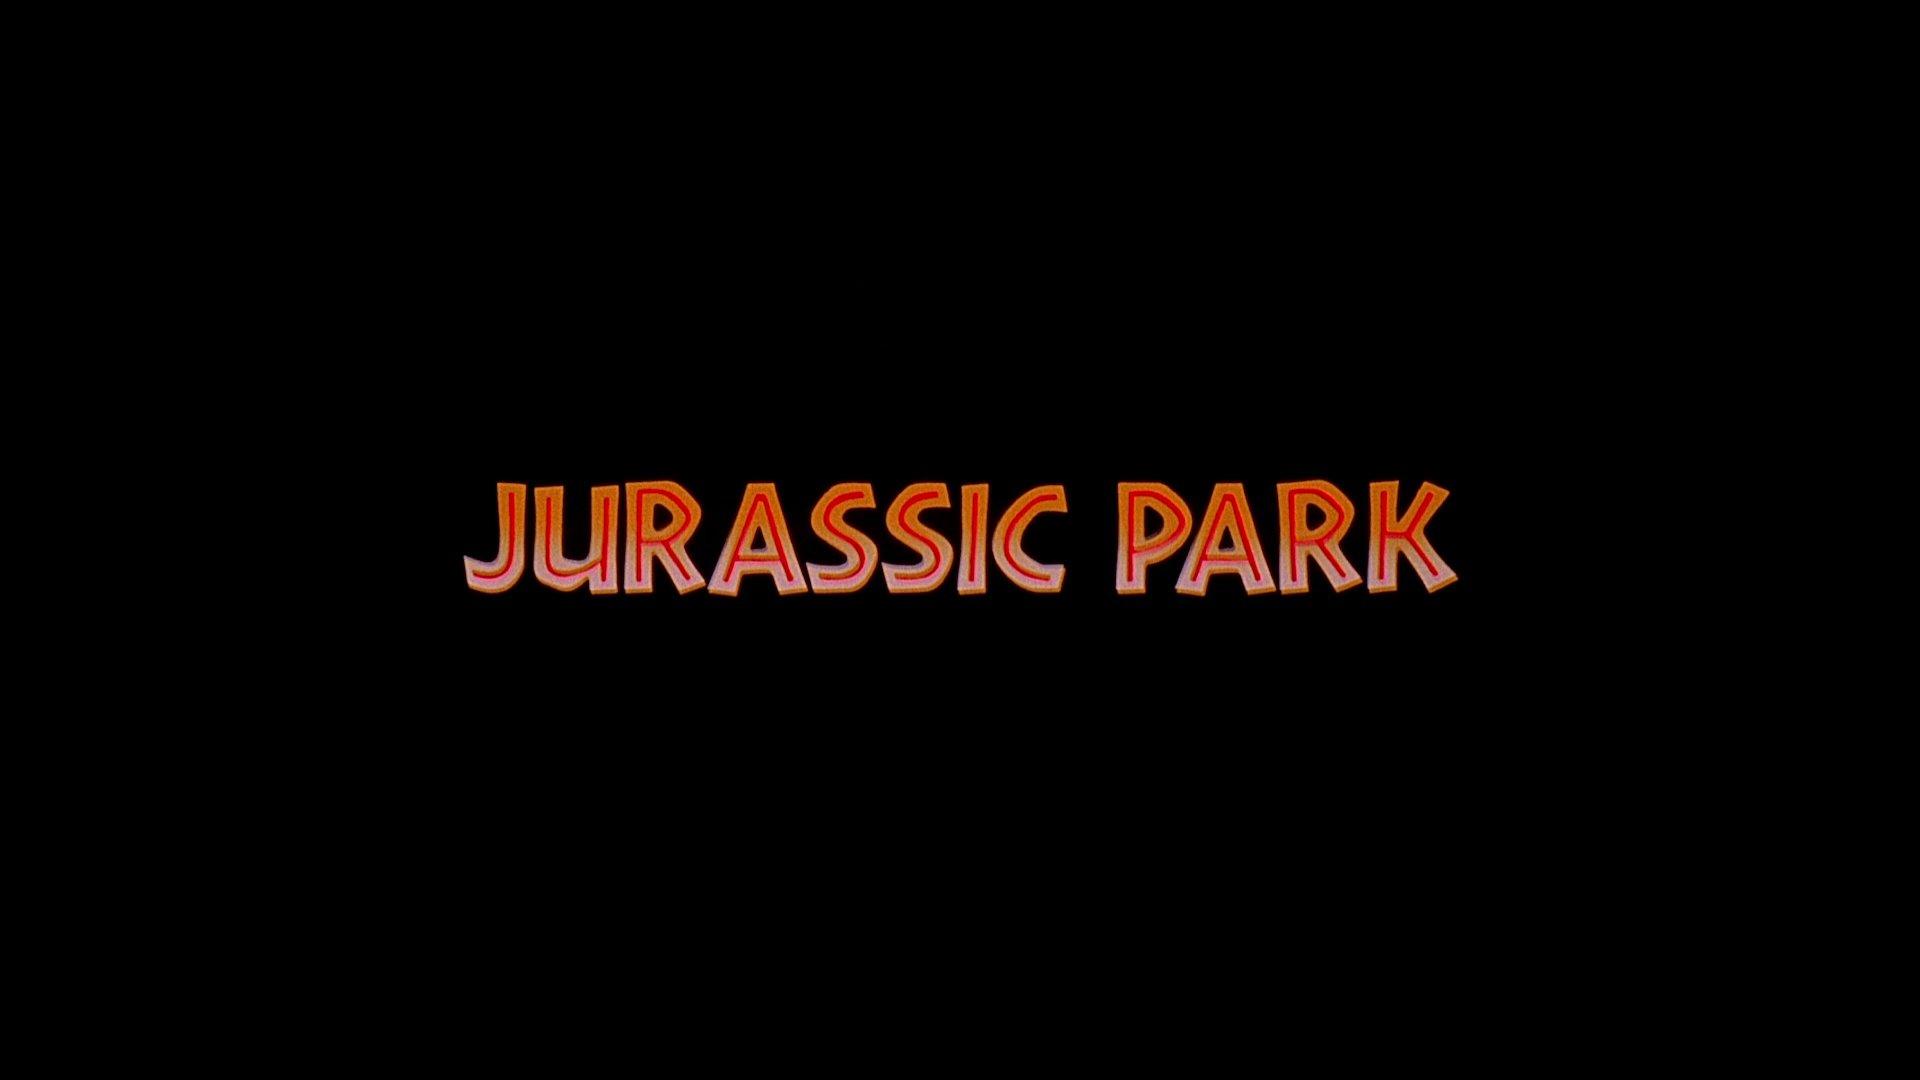 Jurassic Park | Film and Television Wikia | FANDOM powered ... | 1920 x 1080 jpeg 61kB